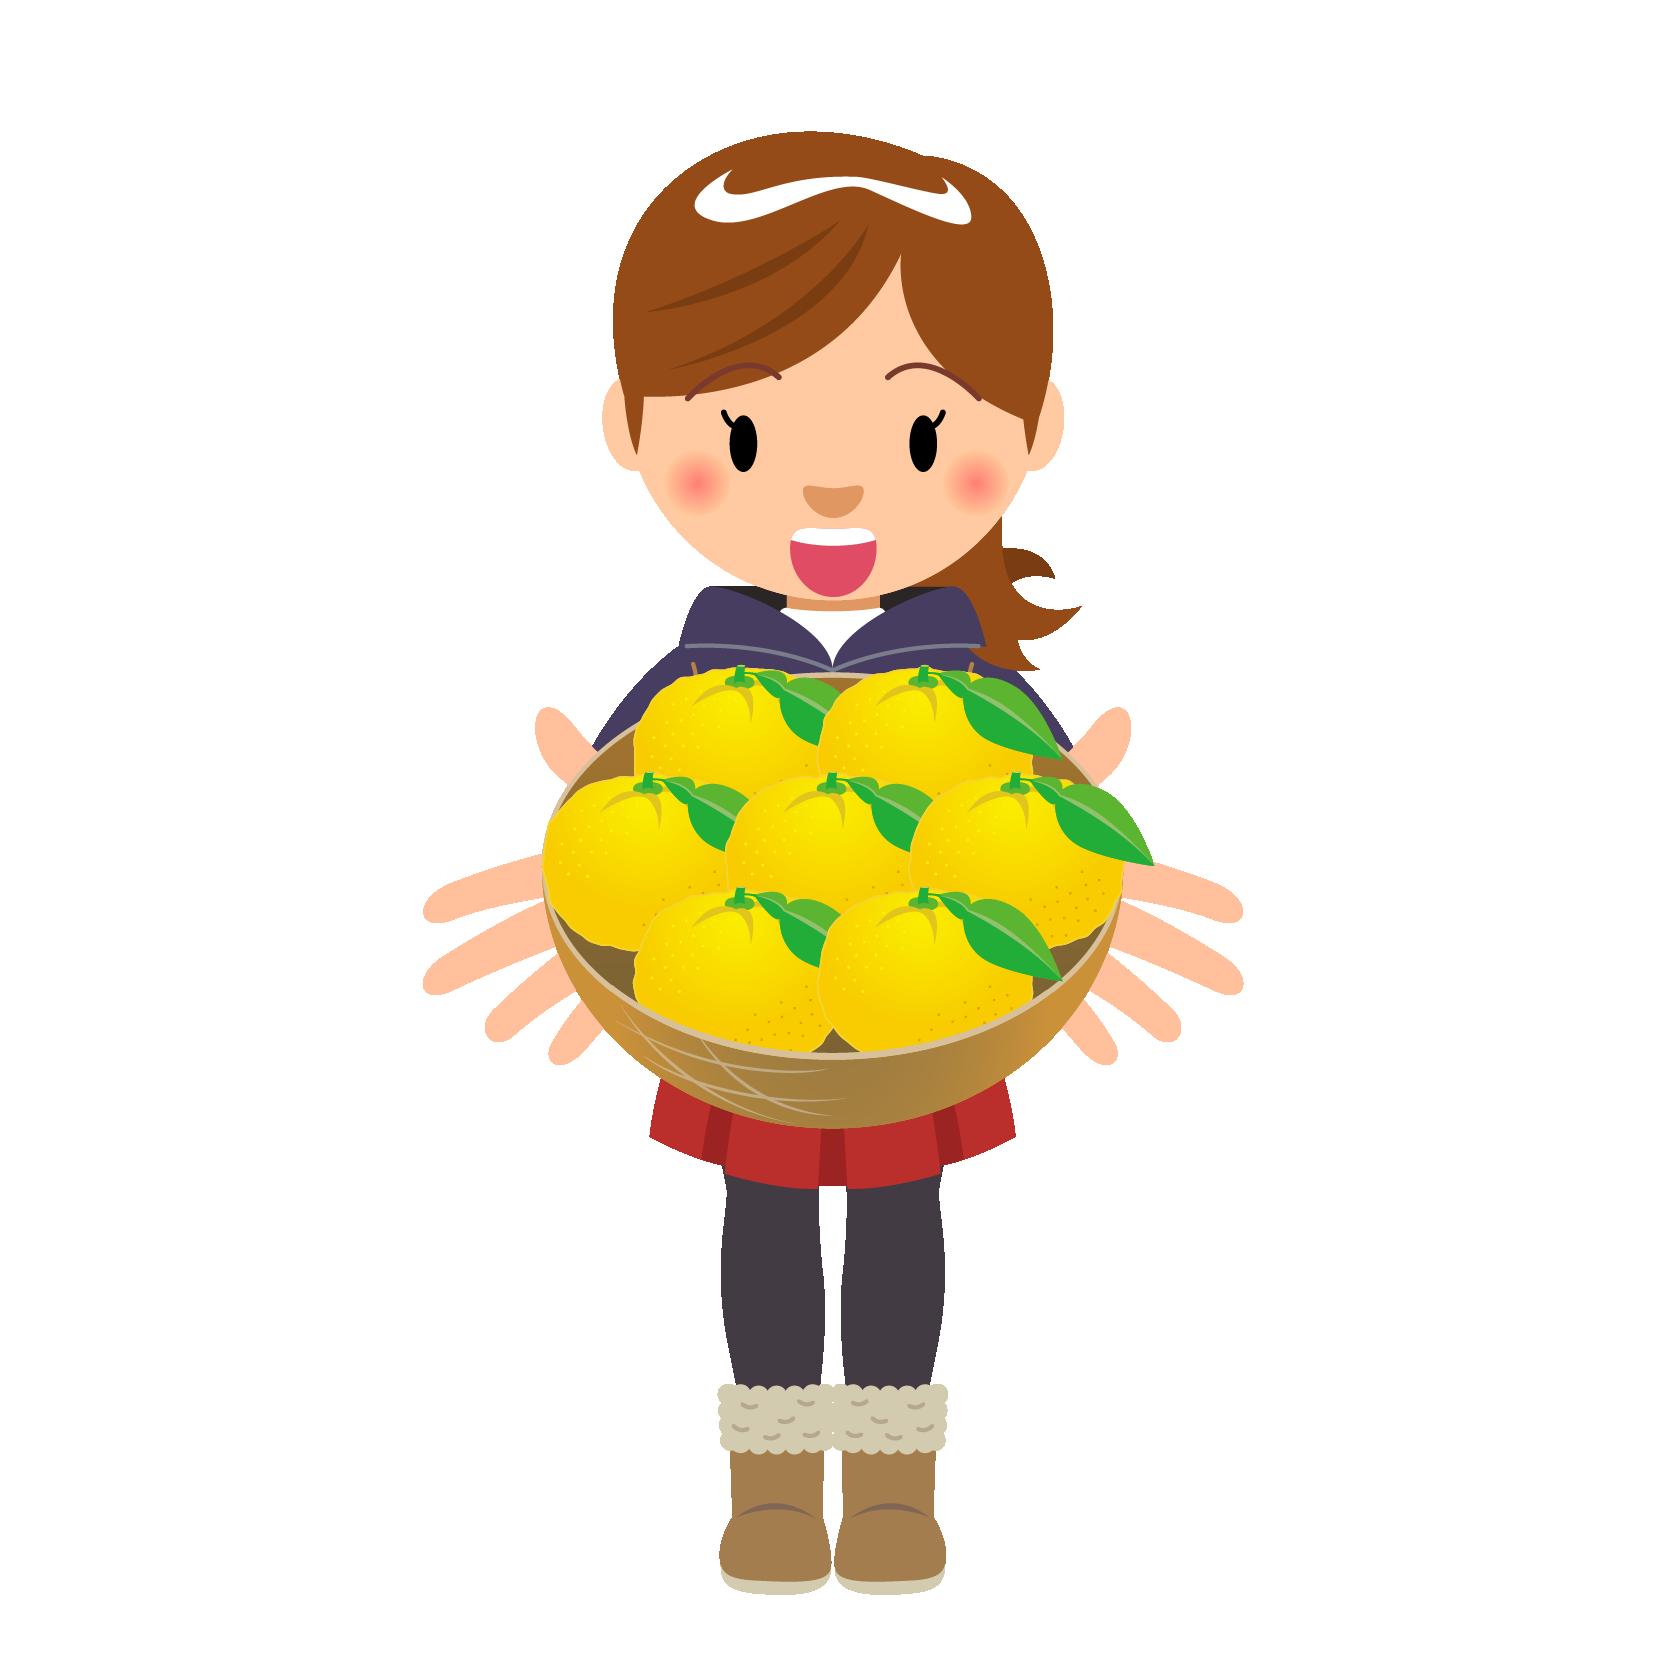 商用フリー 無料イラスト ゆずを持つ女性全身 柚子yuzu 冬至009 商用ok フリー素材集 ナイスなイラスト